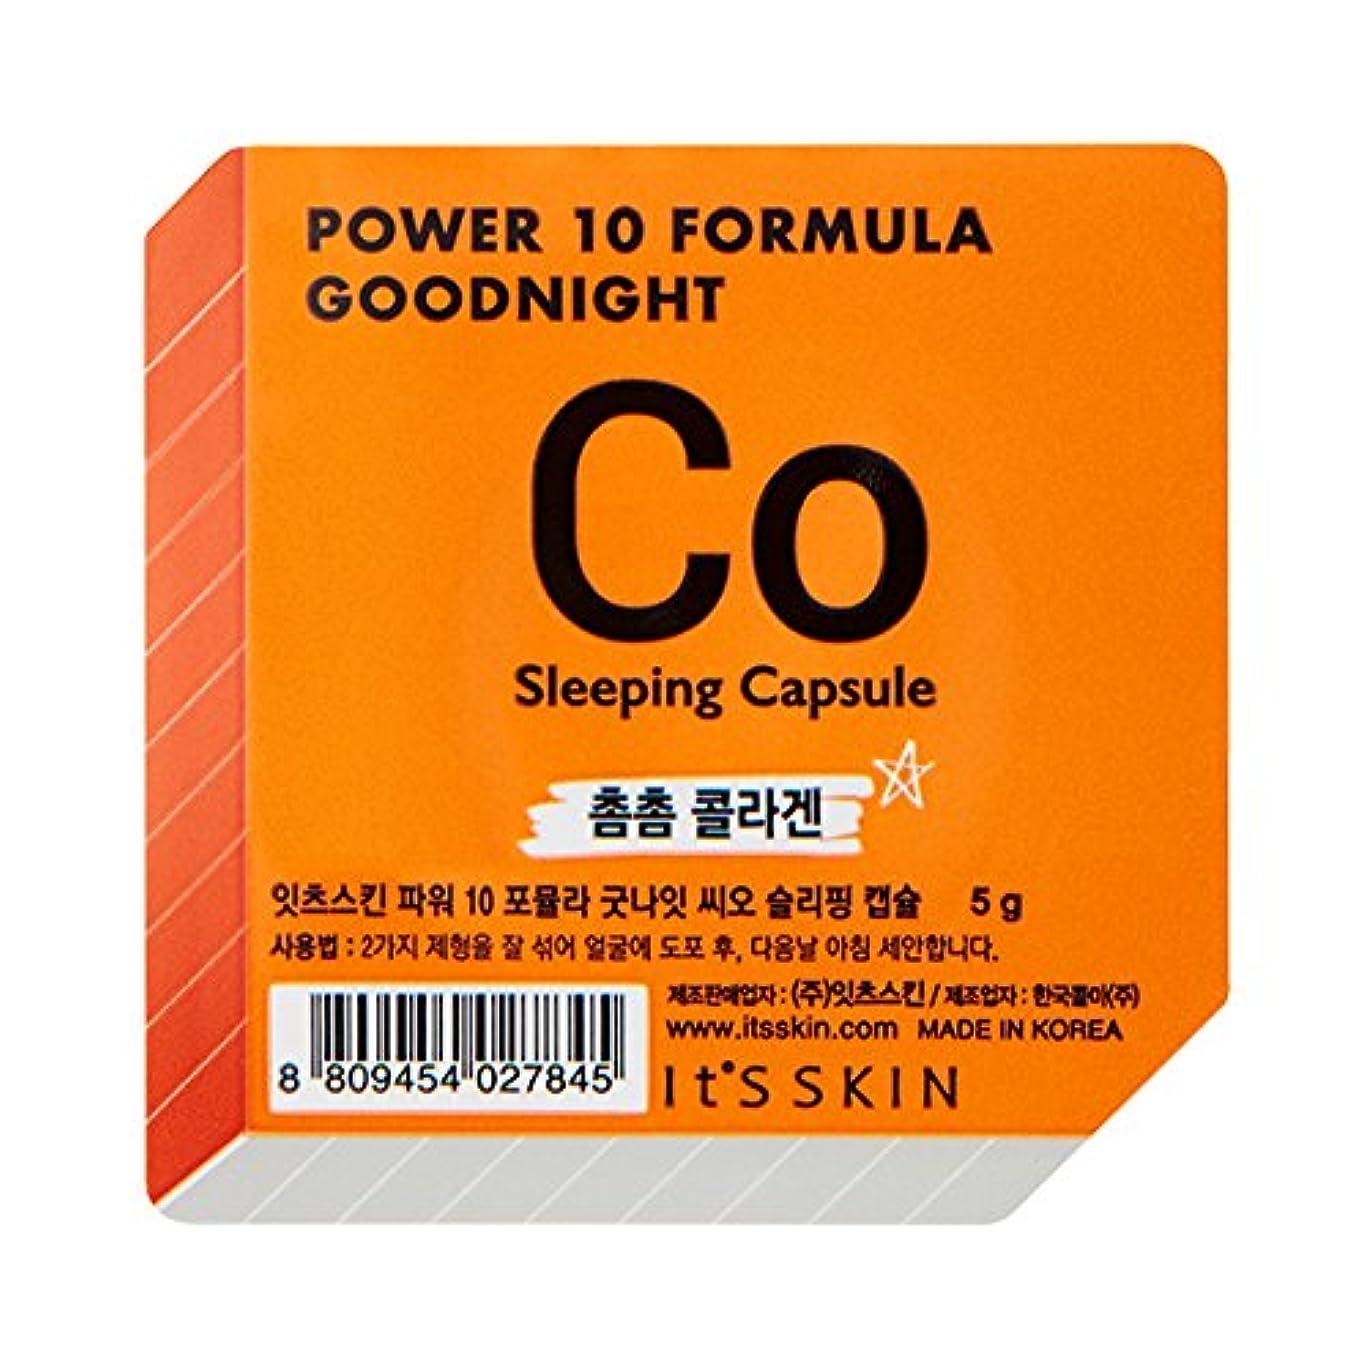 登る民兵かすかなイッツスキン パワー10フォーミュラ #CO(弾力) グッドナイトスリーピングカプセル 5g×2個セット/It's skin Power10 Formula #CO Good Night Sleeping Capsule 5g×2EA